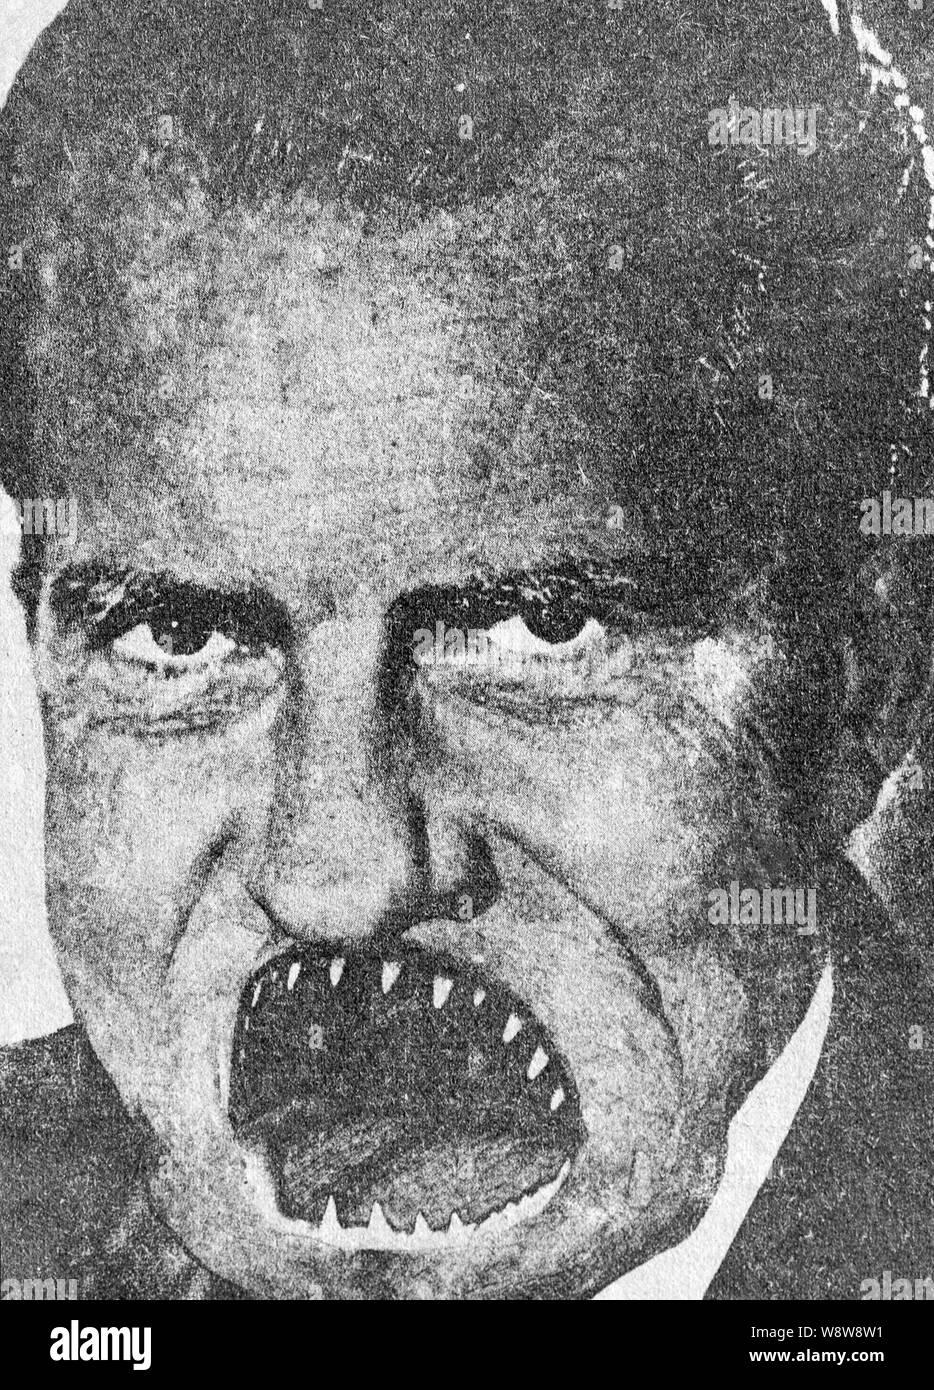 Une des années 70, les étudiants pour une société démocratique SDS modifié photo du président Richard Nixon publié dans un journal du collège. Banque D'Images